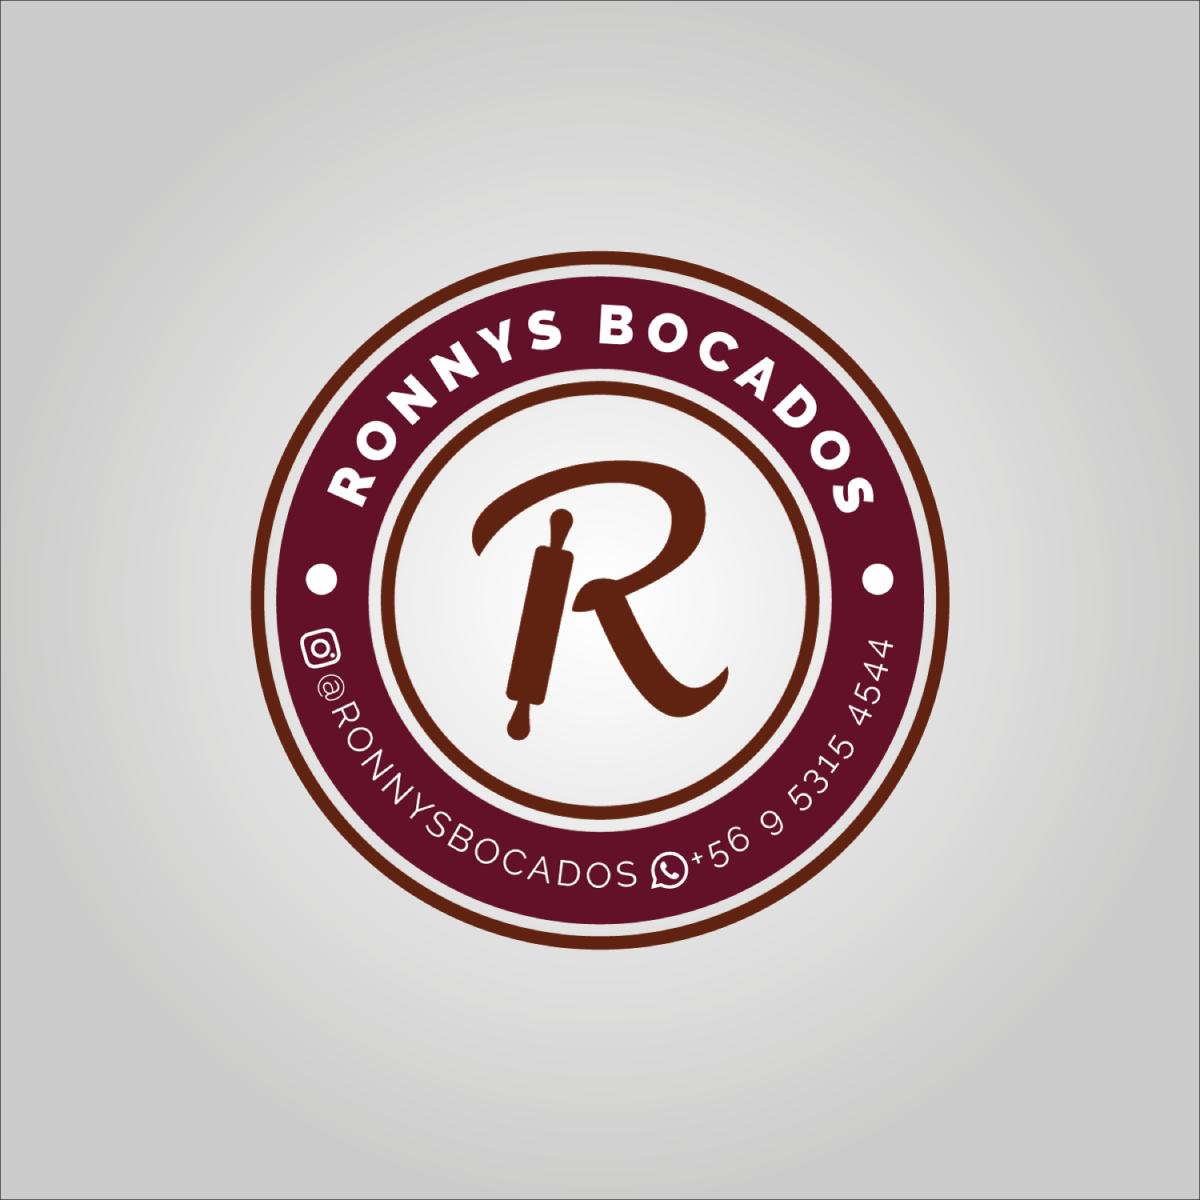 Logo para Ronnys Bocados